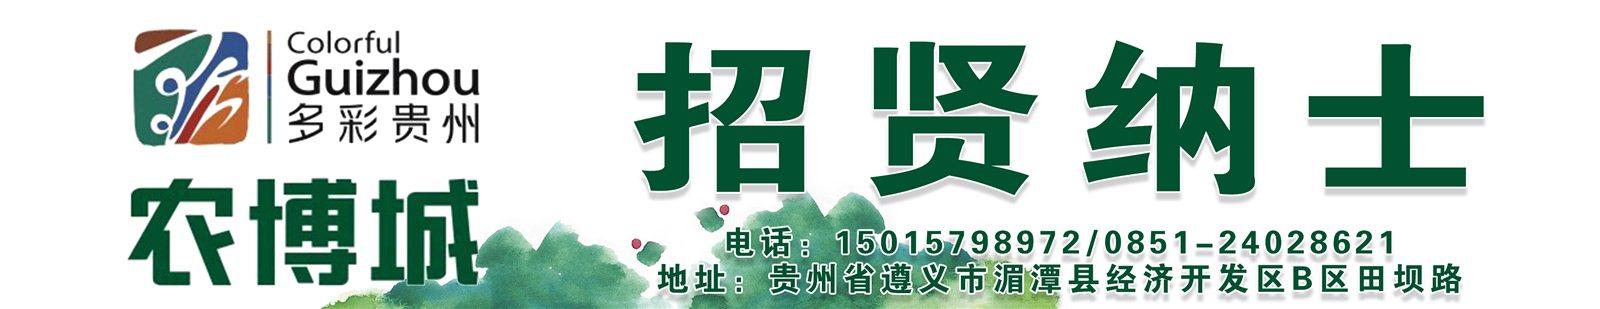 贵州省多彩贵州农产品商业管理有限公司